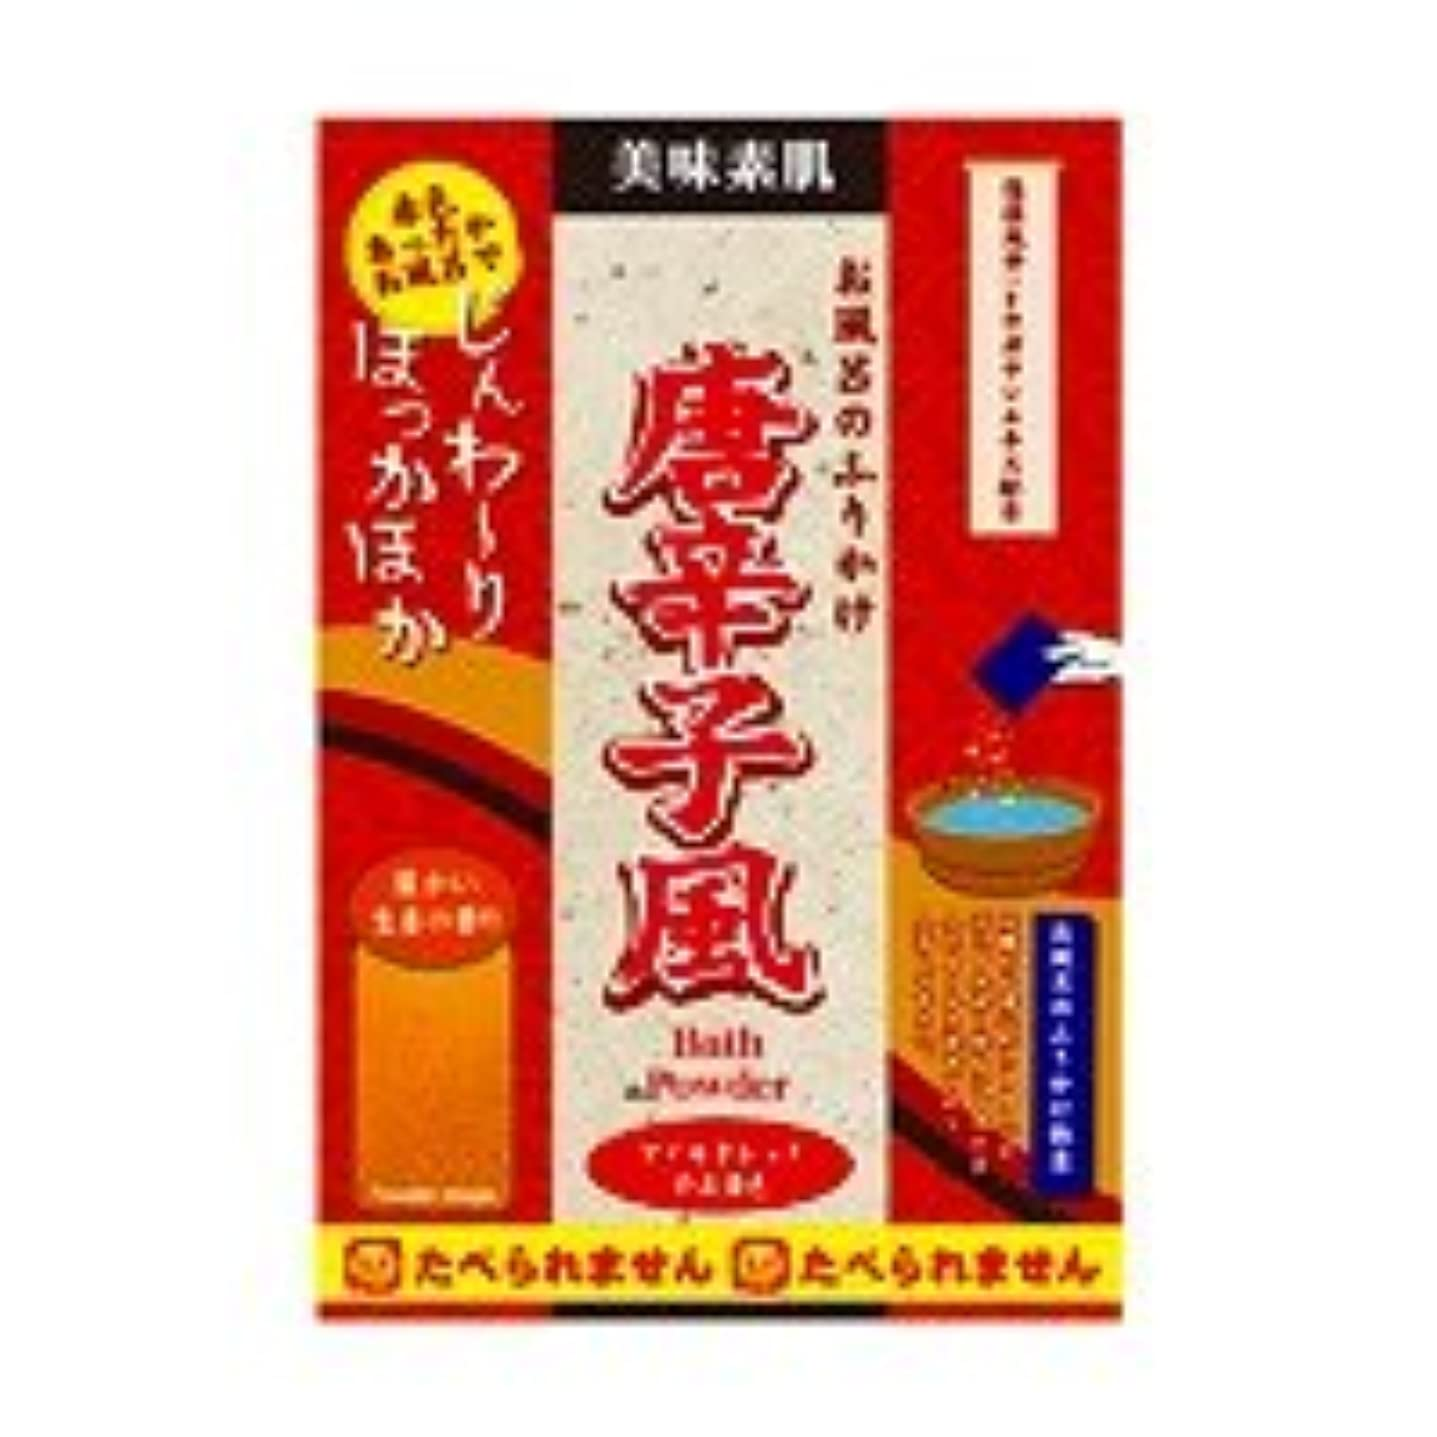 行方不明一生ディレイお風呂のふりかけ「トウガラシ」12個セット マイルドレッドのお湯 温かい生姜の香り